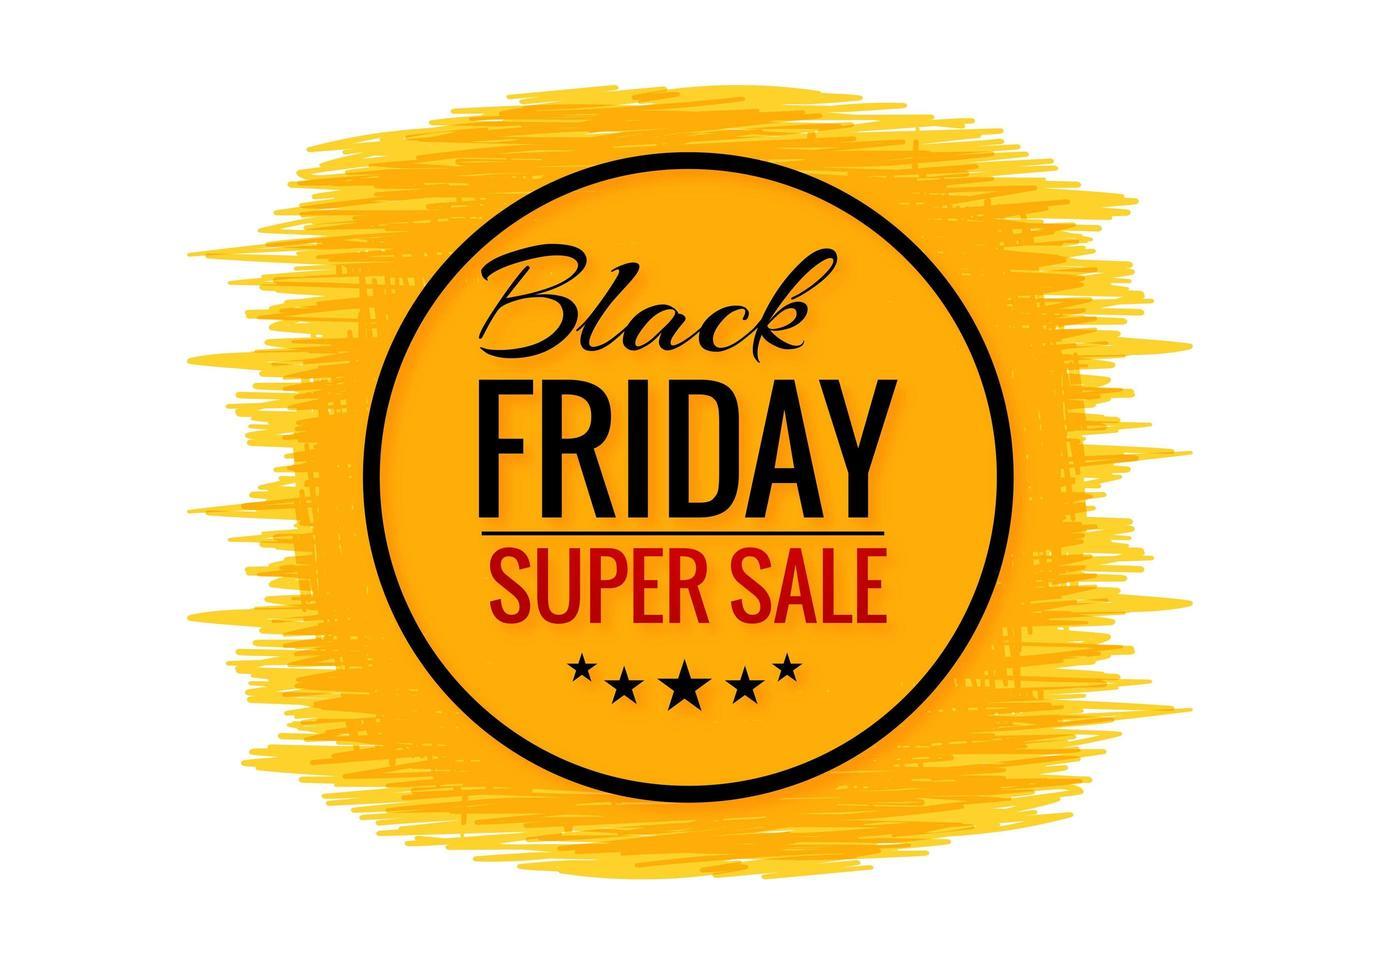 schwarzer Freitag-Verkaufsfahne mit Schmutz-Hintergrund vektor